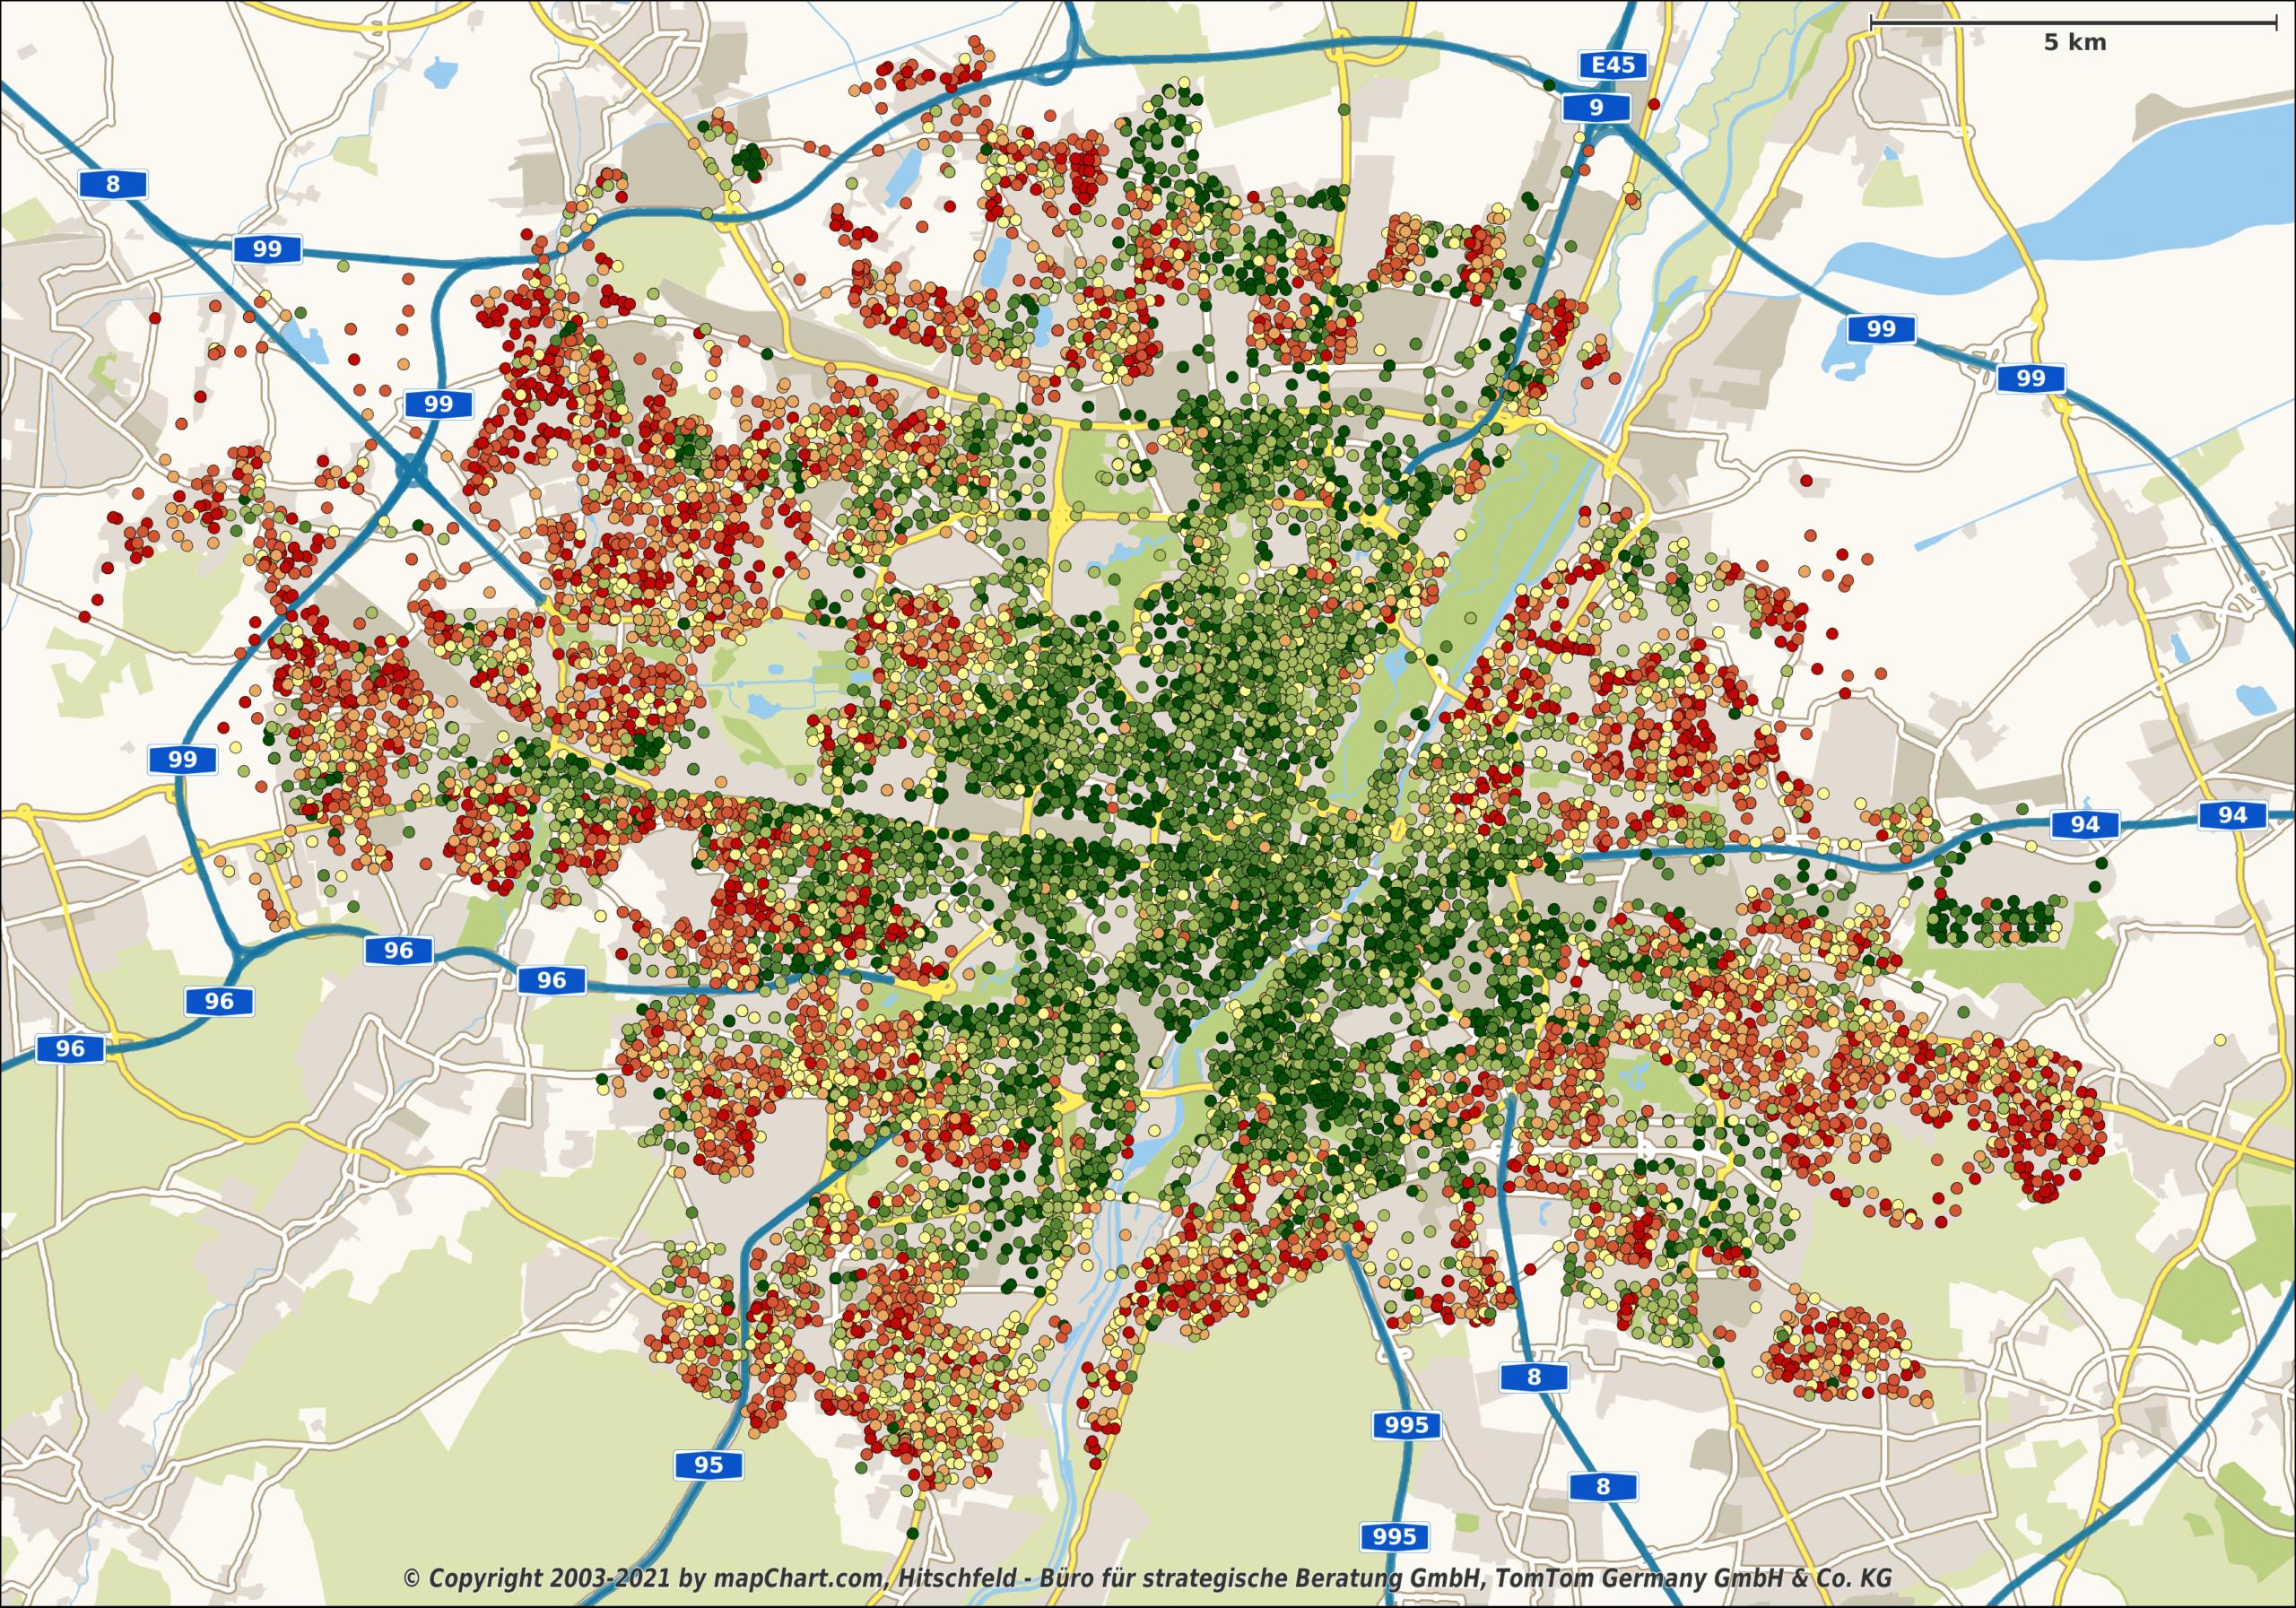 Karte zur Mikrogeografie Münchens